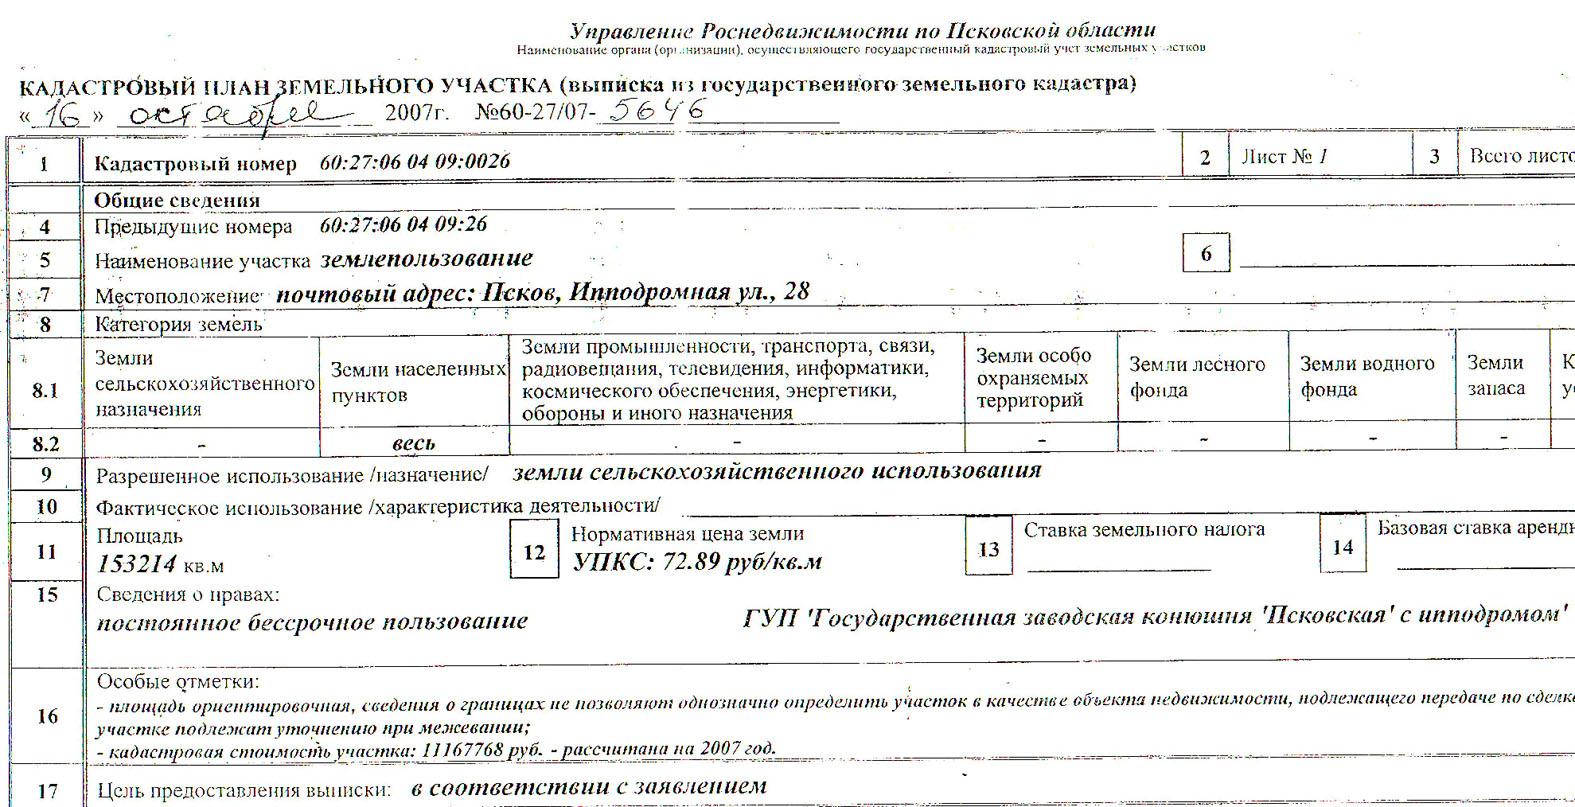 как увеличить толщину пениса Северобайкальск